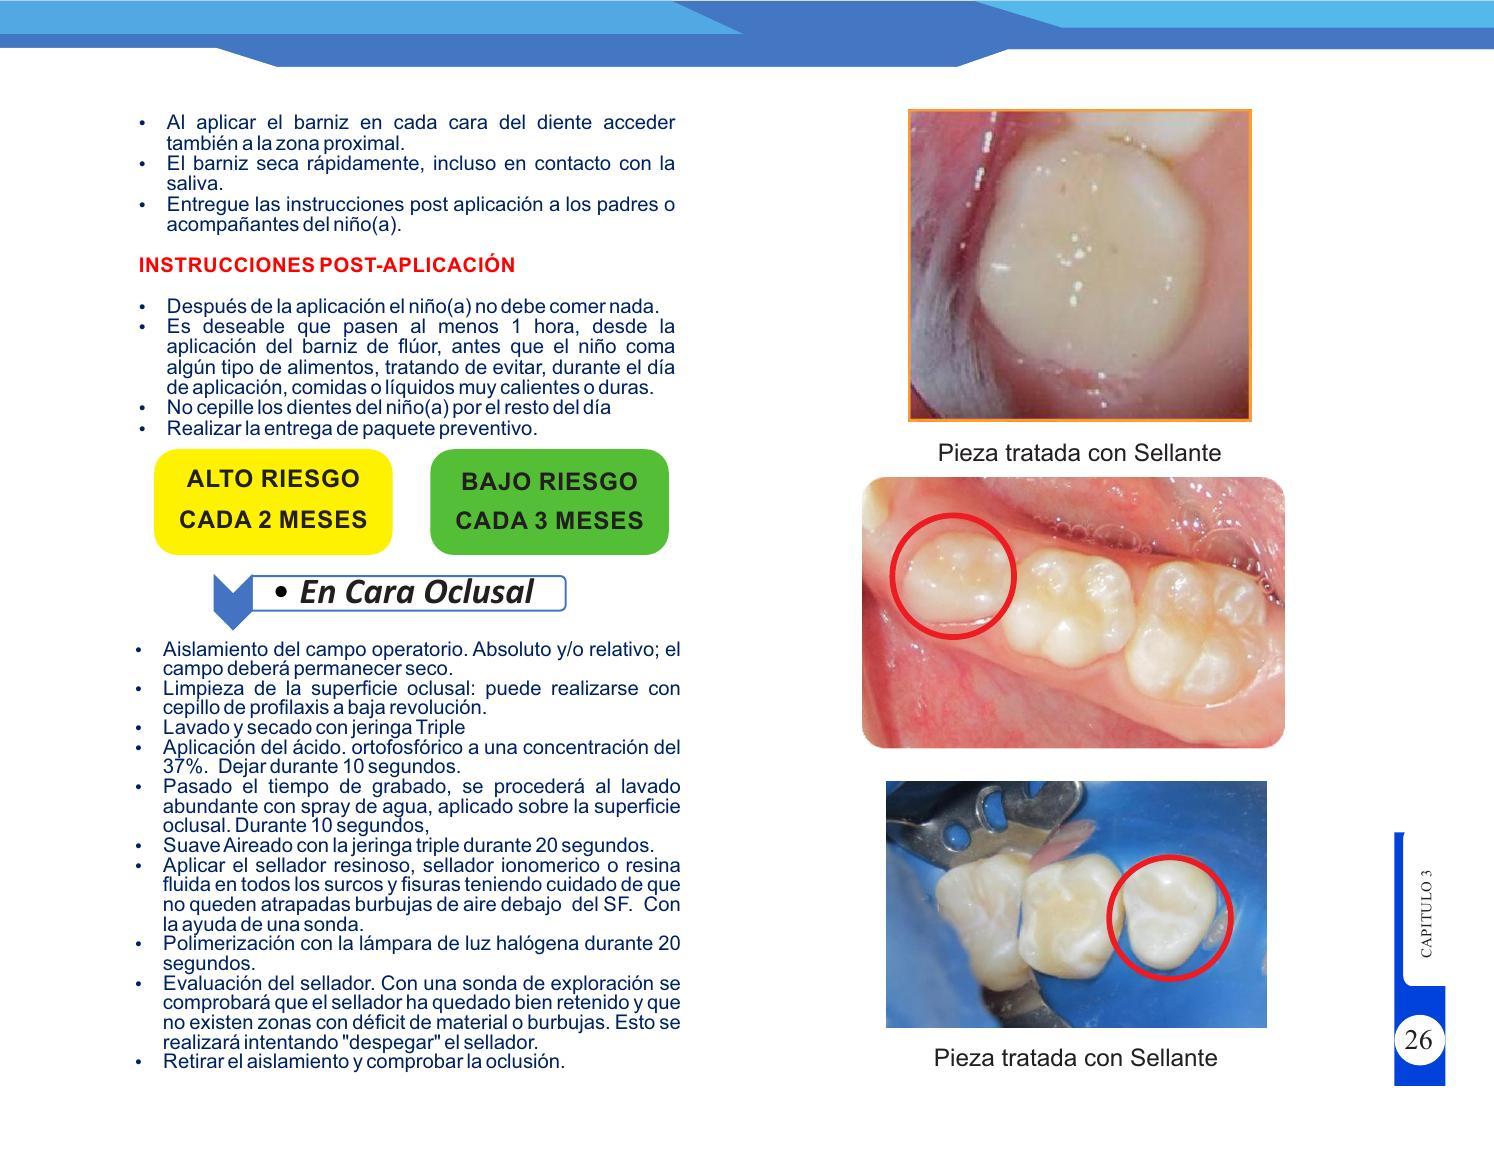 como se realiza la limpieza de la cara oclusal de los dientes